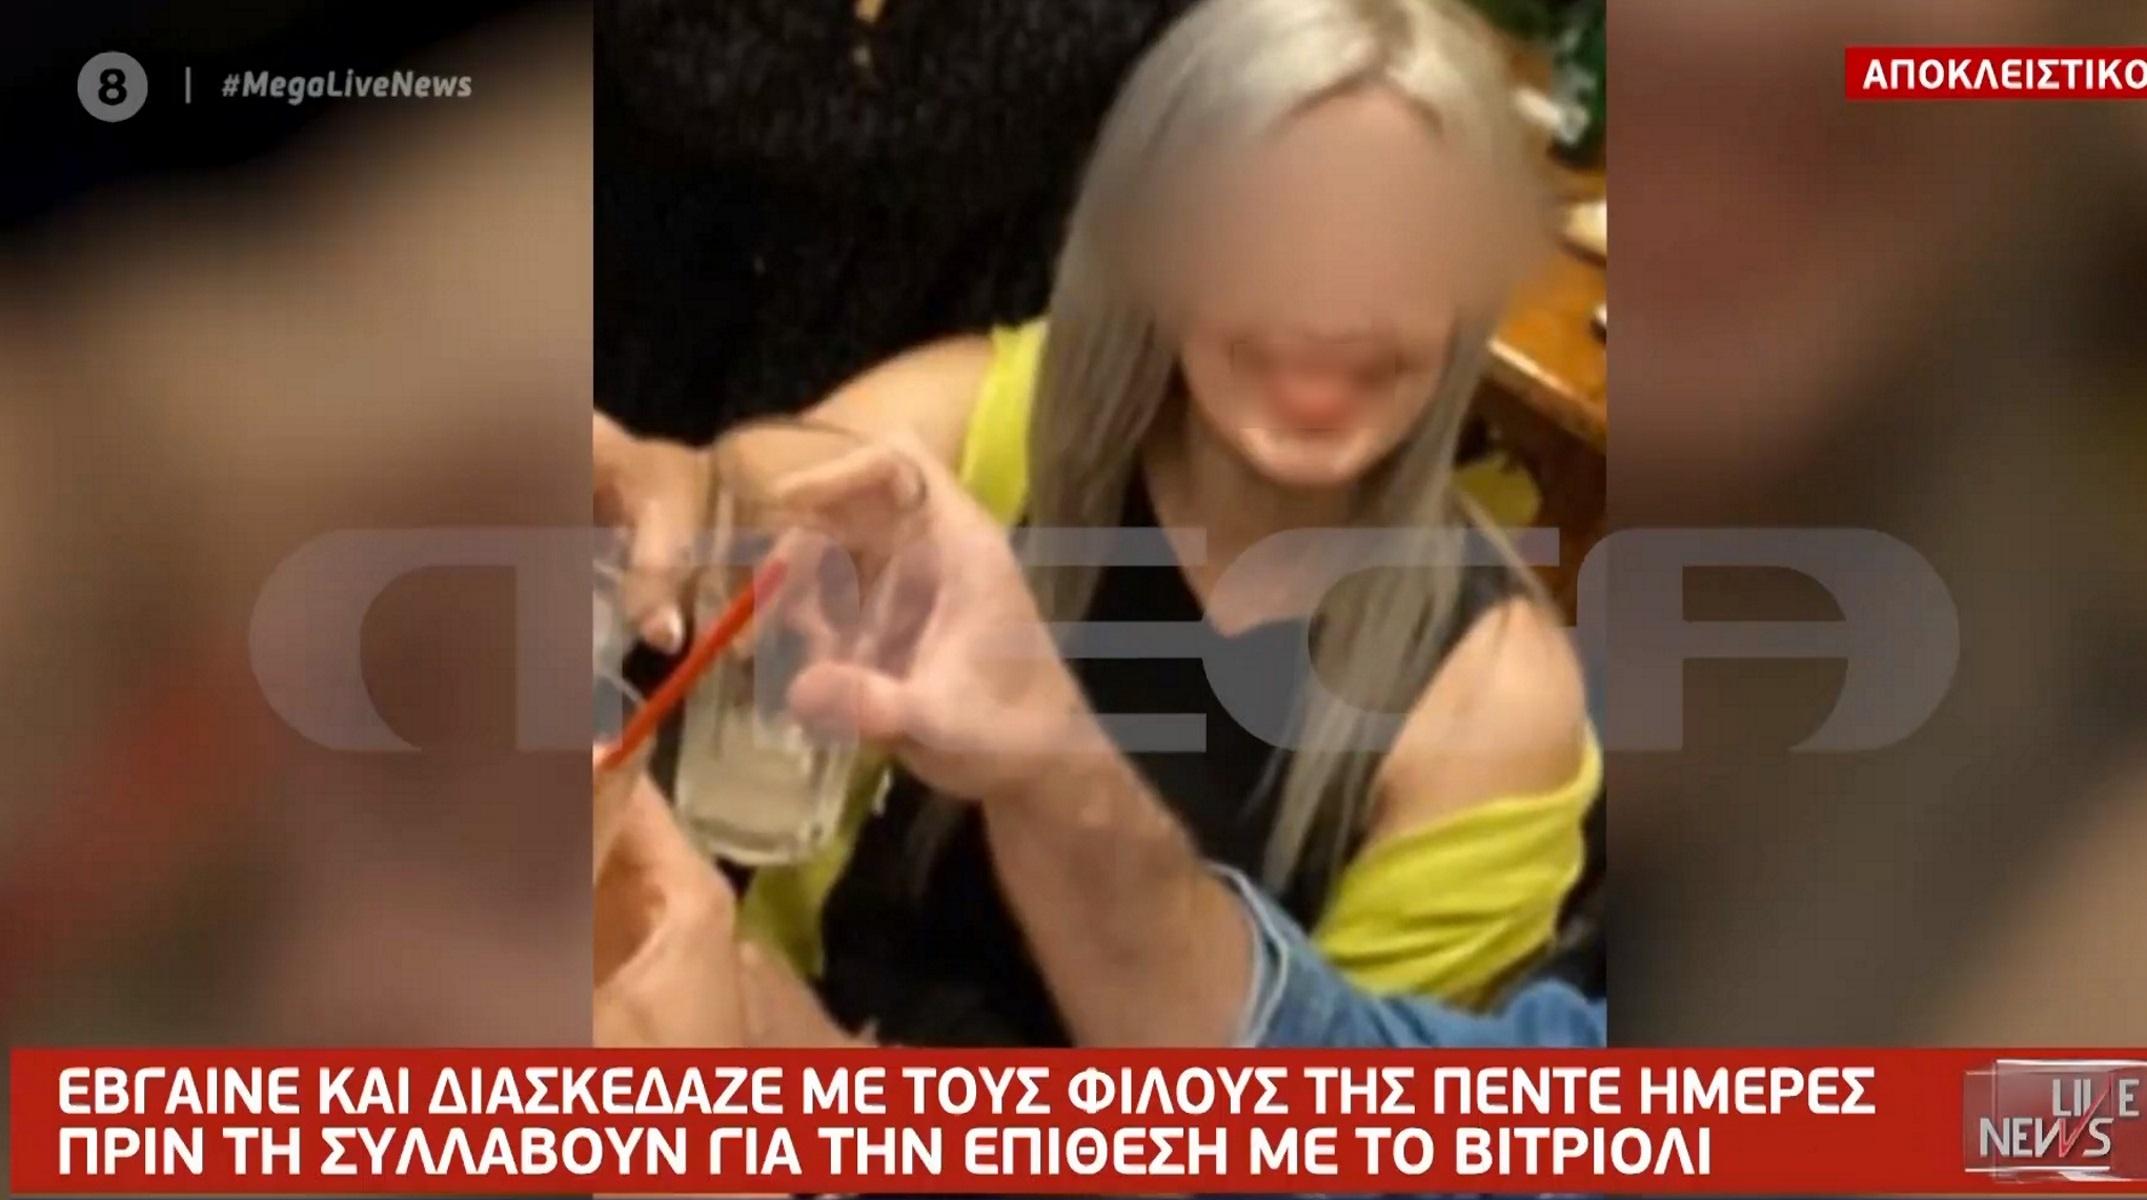 Επίθεση με βιτριόλι: Λύνει τη σιωπή της η 35χρονη – Βρέθηκε DNA στο ταξί που την μετέφερε